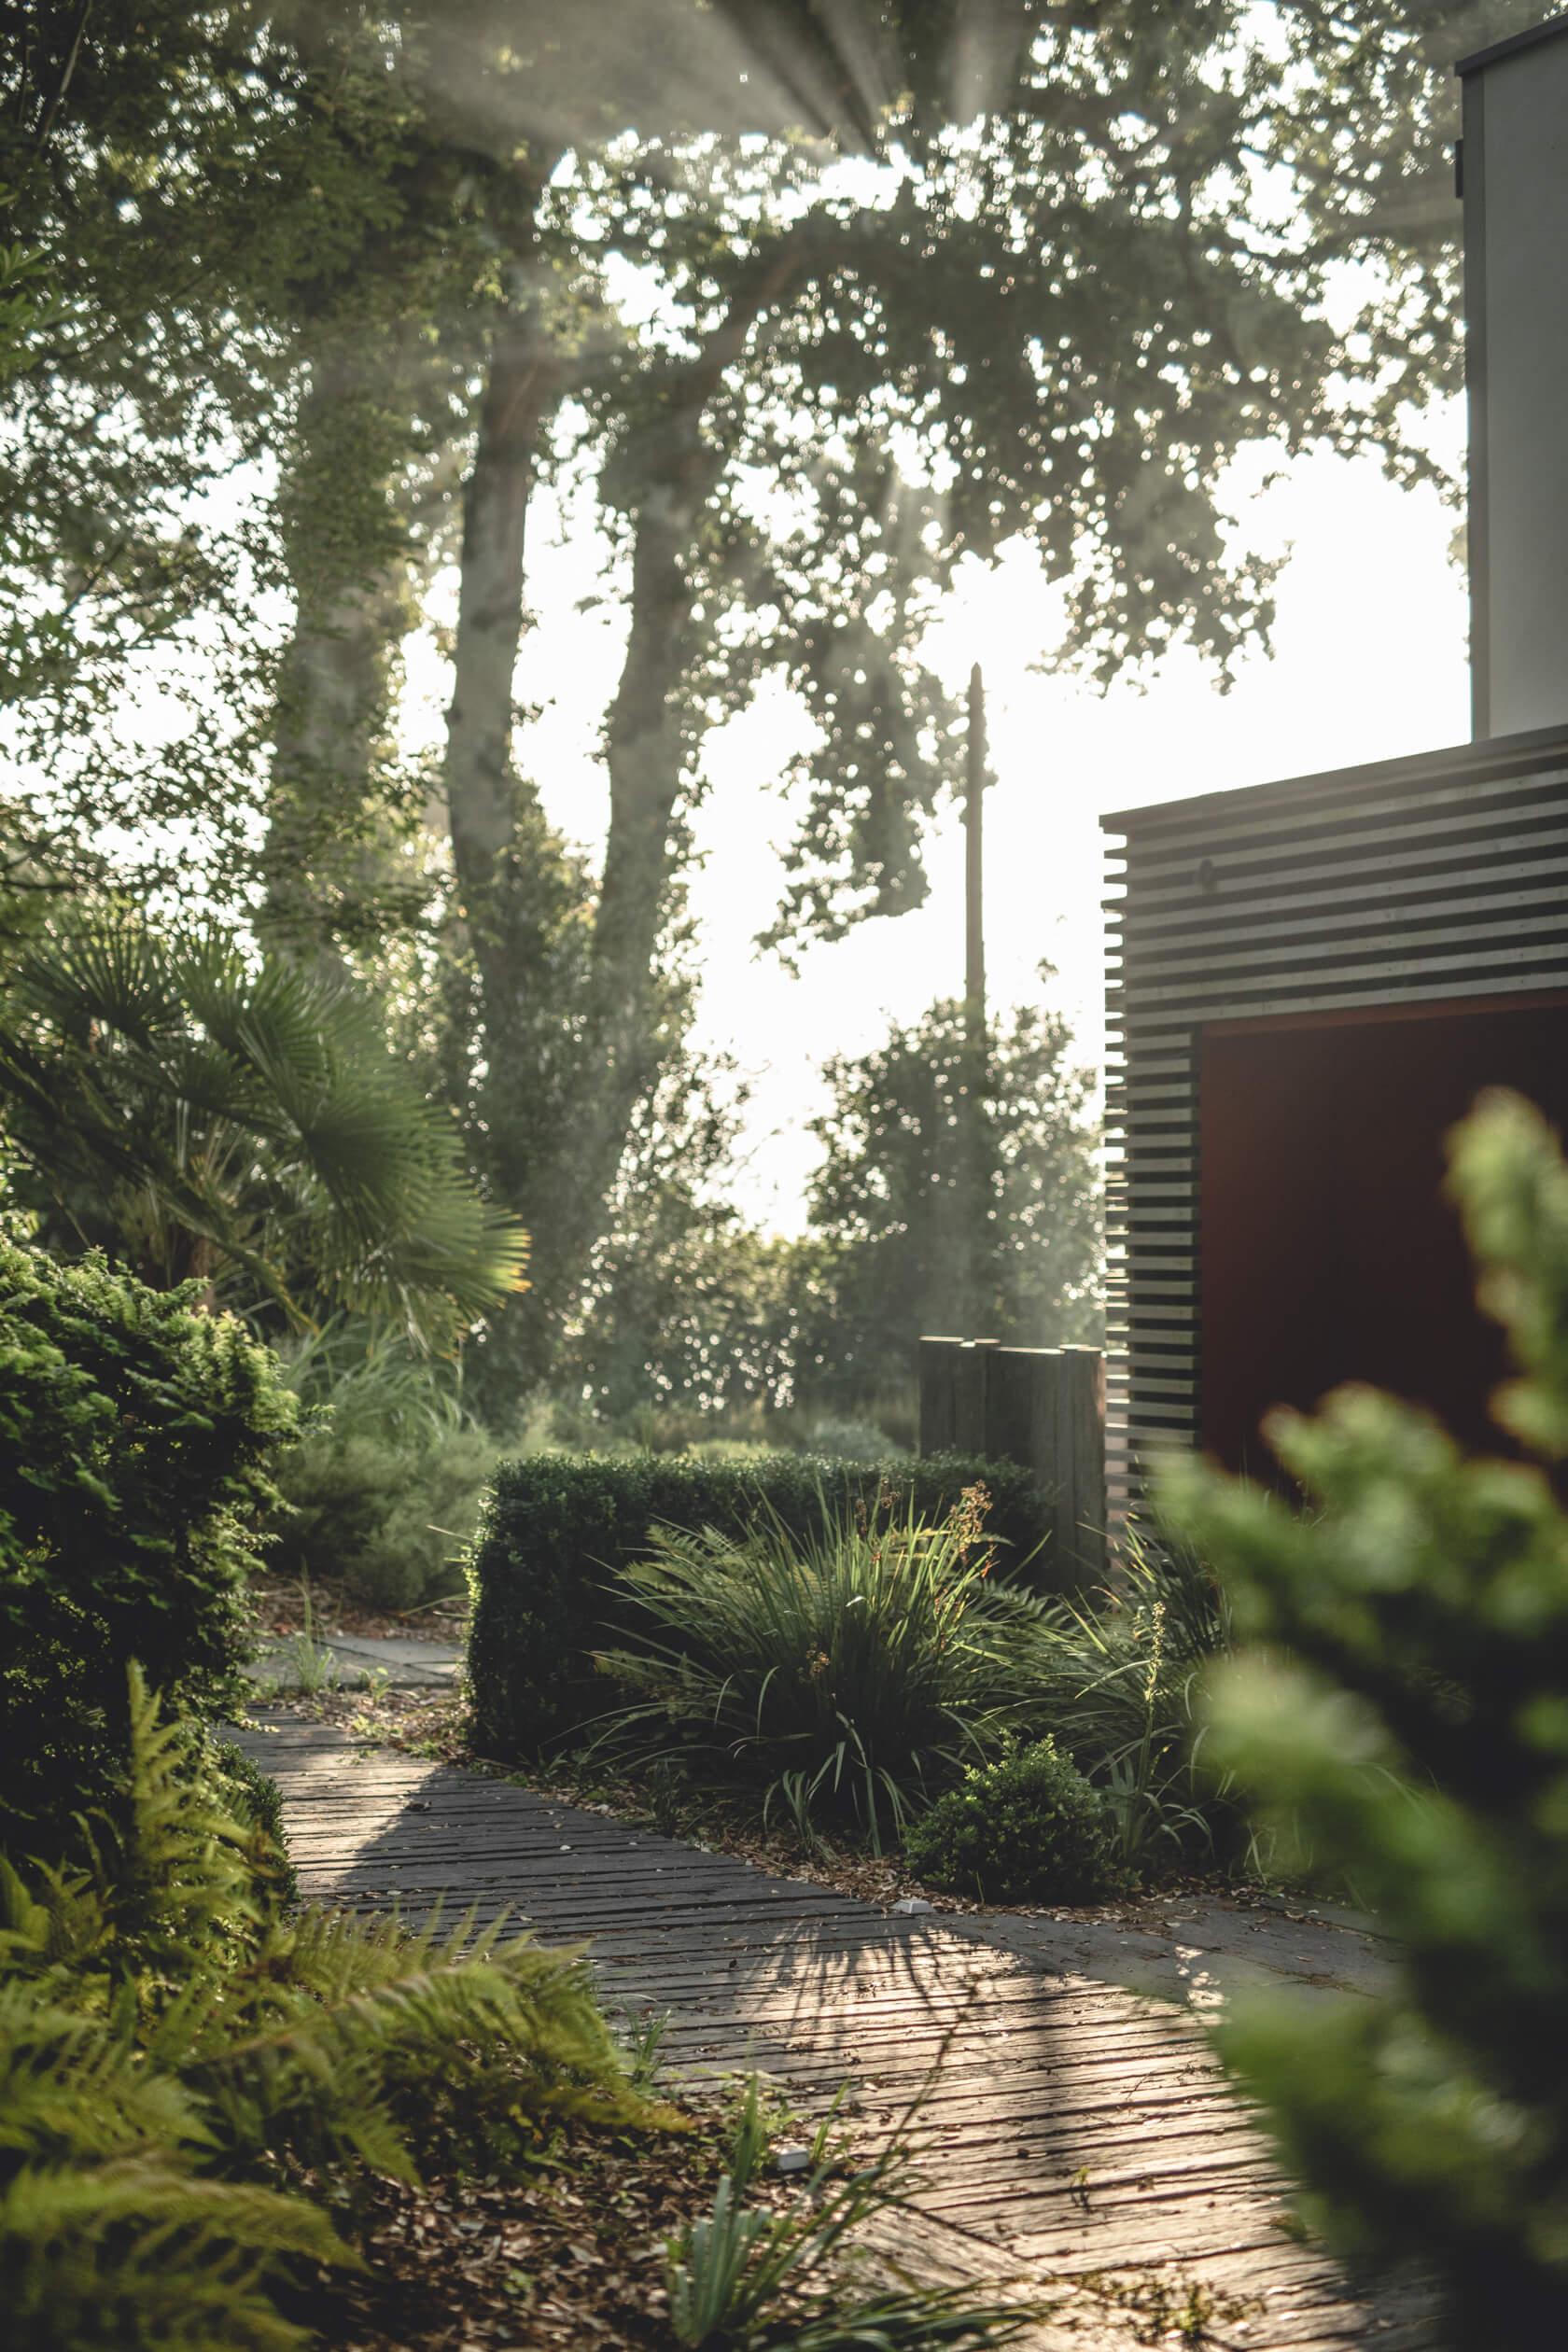 Jardin Paysager relecq kerhuon Vue sur l'elorn